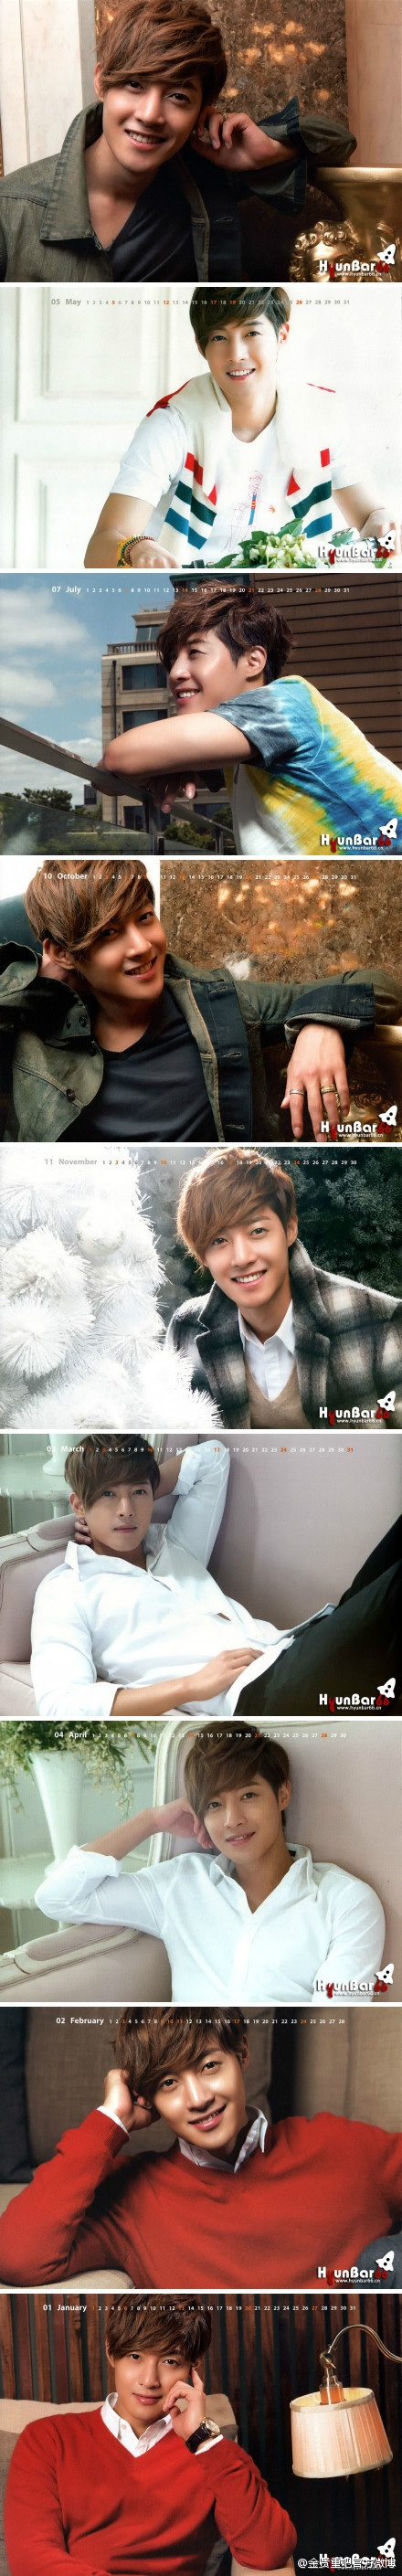 Kim Hyun Joong - Calendar 2013